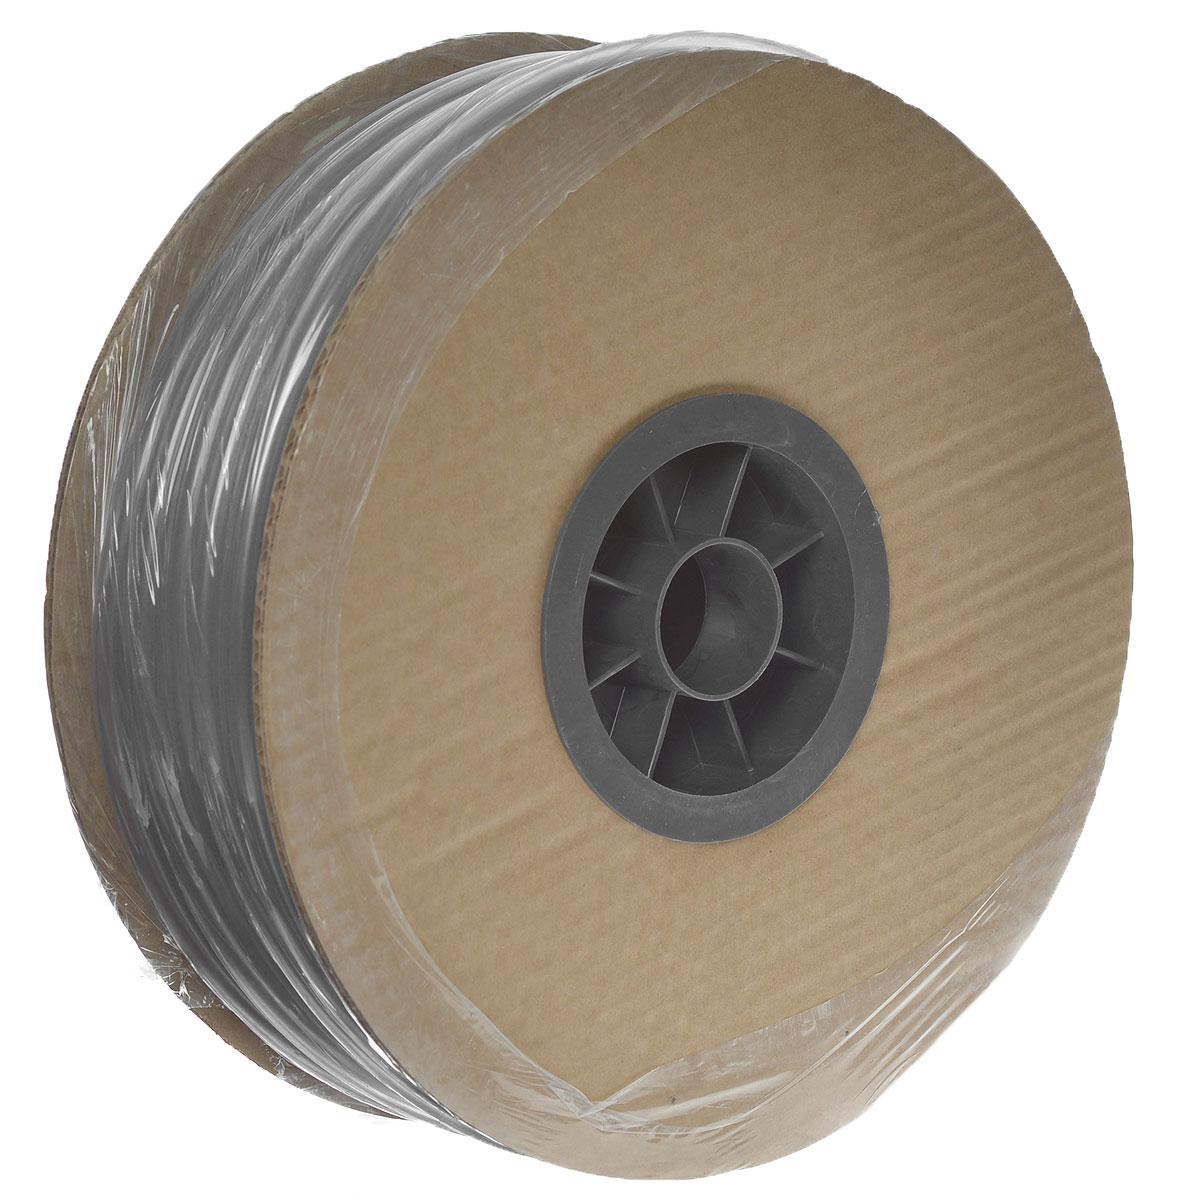 Шланг Кристалл однослойный неармированный 6X9 M.100 (641)9663163Однослойный неармированный шланг пищевого качества Fitt Cristallo Extra изготовлен из прозрачного ПВХ. Шланг предназначен для транспортировки жидкостей без напора в диапазоне температур от -20°С до +60°С. Можно применять для питьевой воды. Для использования без давления. Внешний диаметр шланга: 9 мм. Внутренний диаметр шланга: 6 мм.